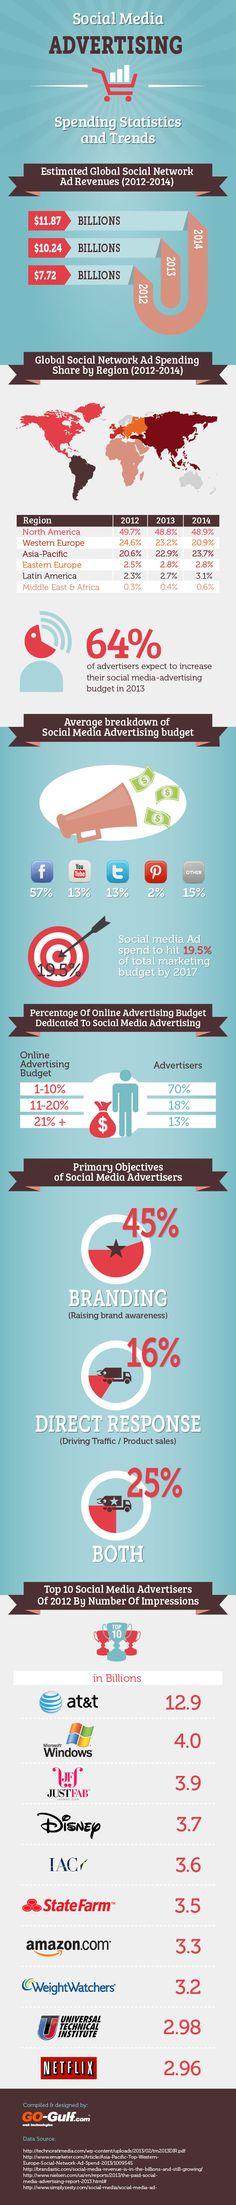 Consumo de publicidad en las Redes Sociales #infografia #infographic #socialmedia #marketing